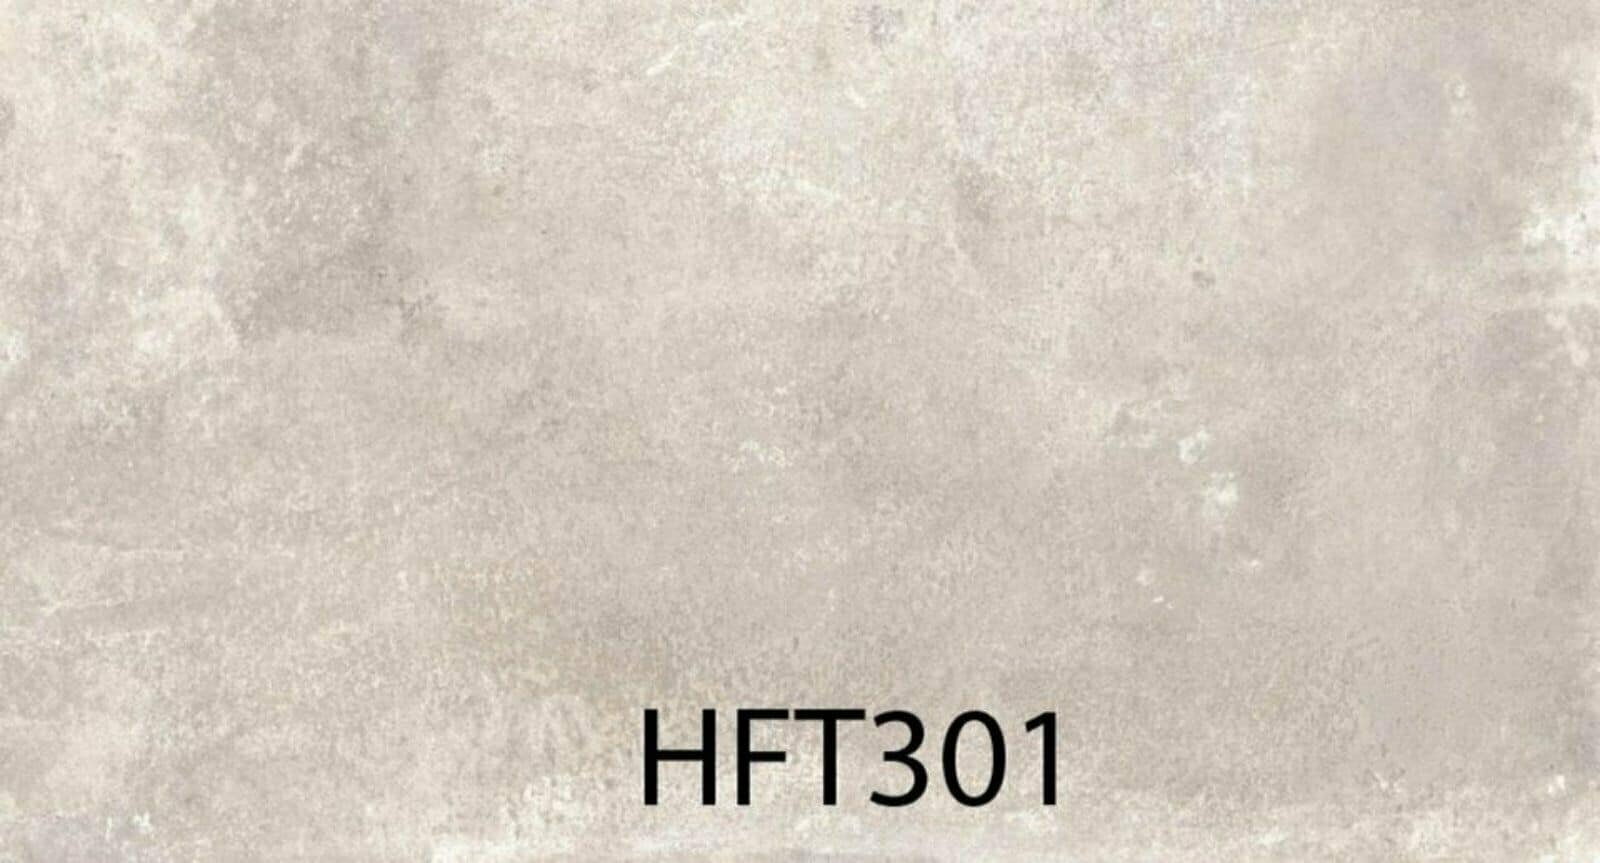 """Keramikplatten DEL CONCA Futura 3 """"HFT301"""", 40 x 80 x 3cm"""